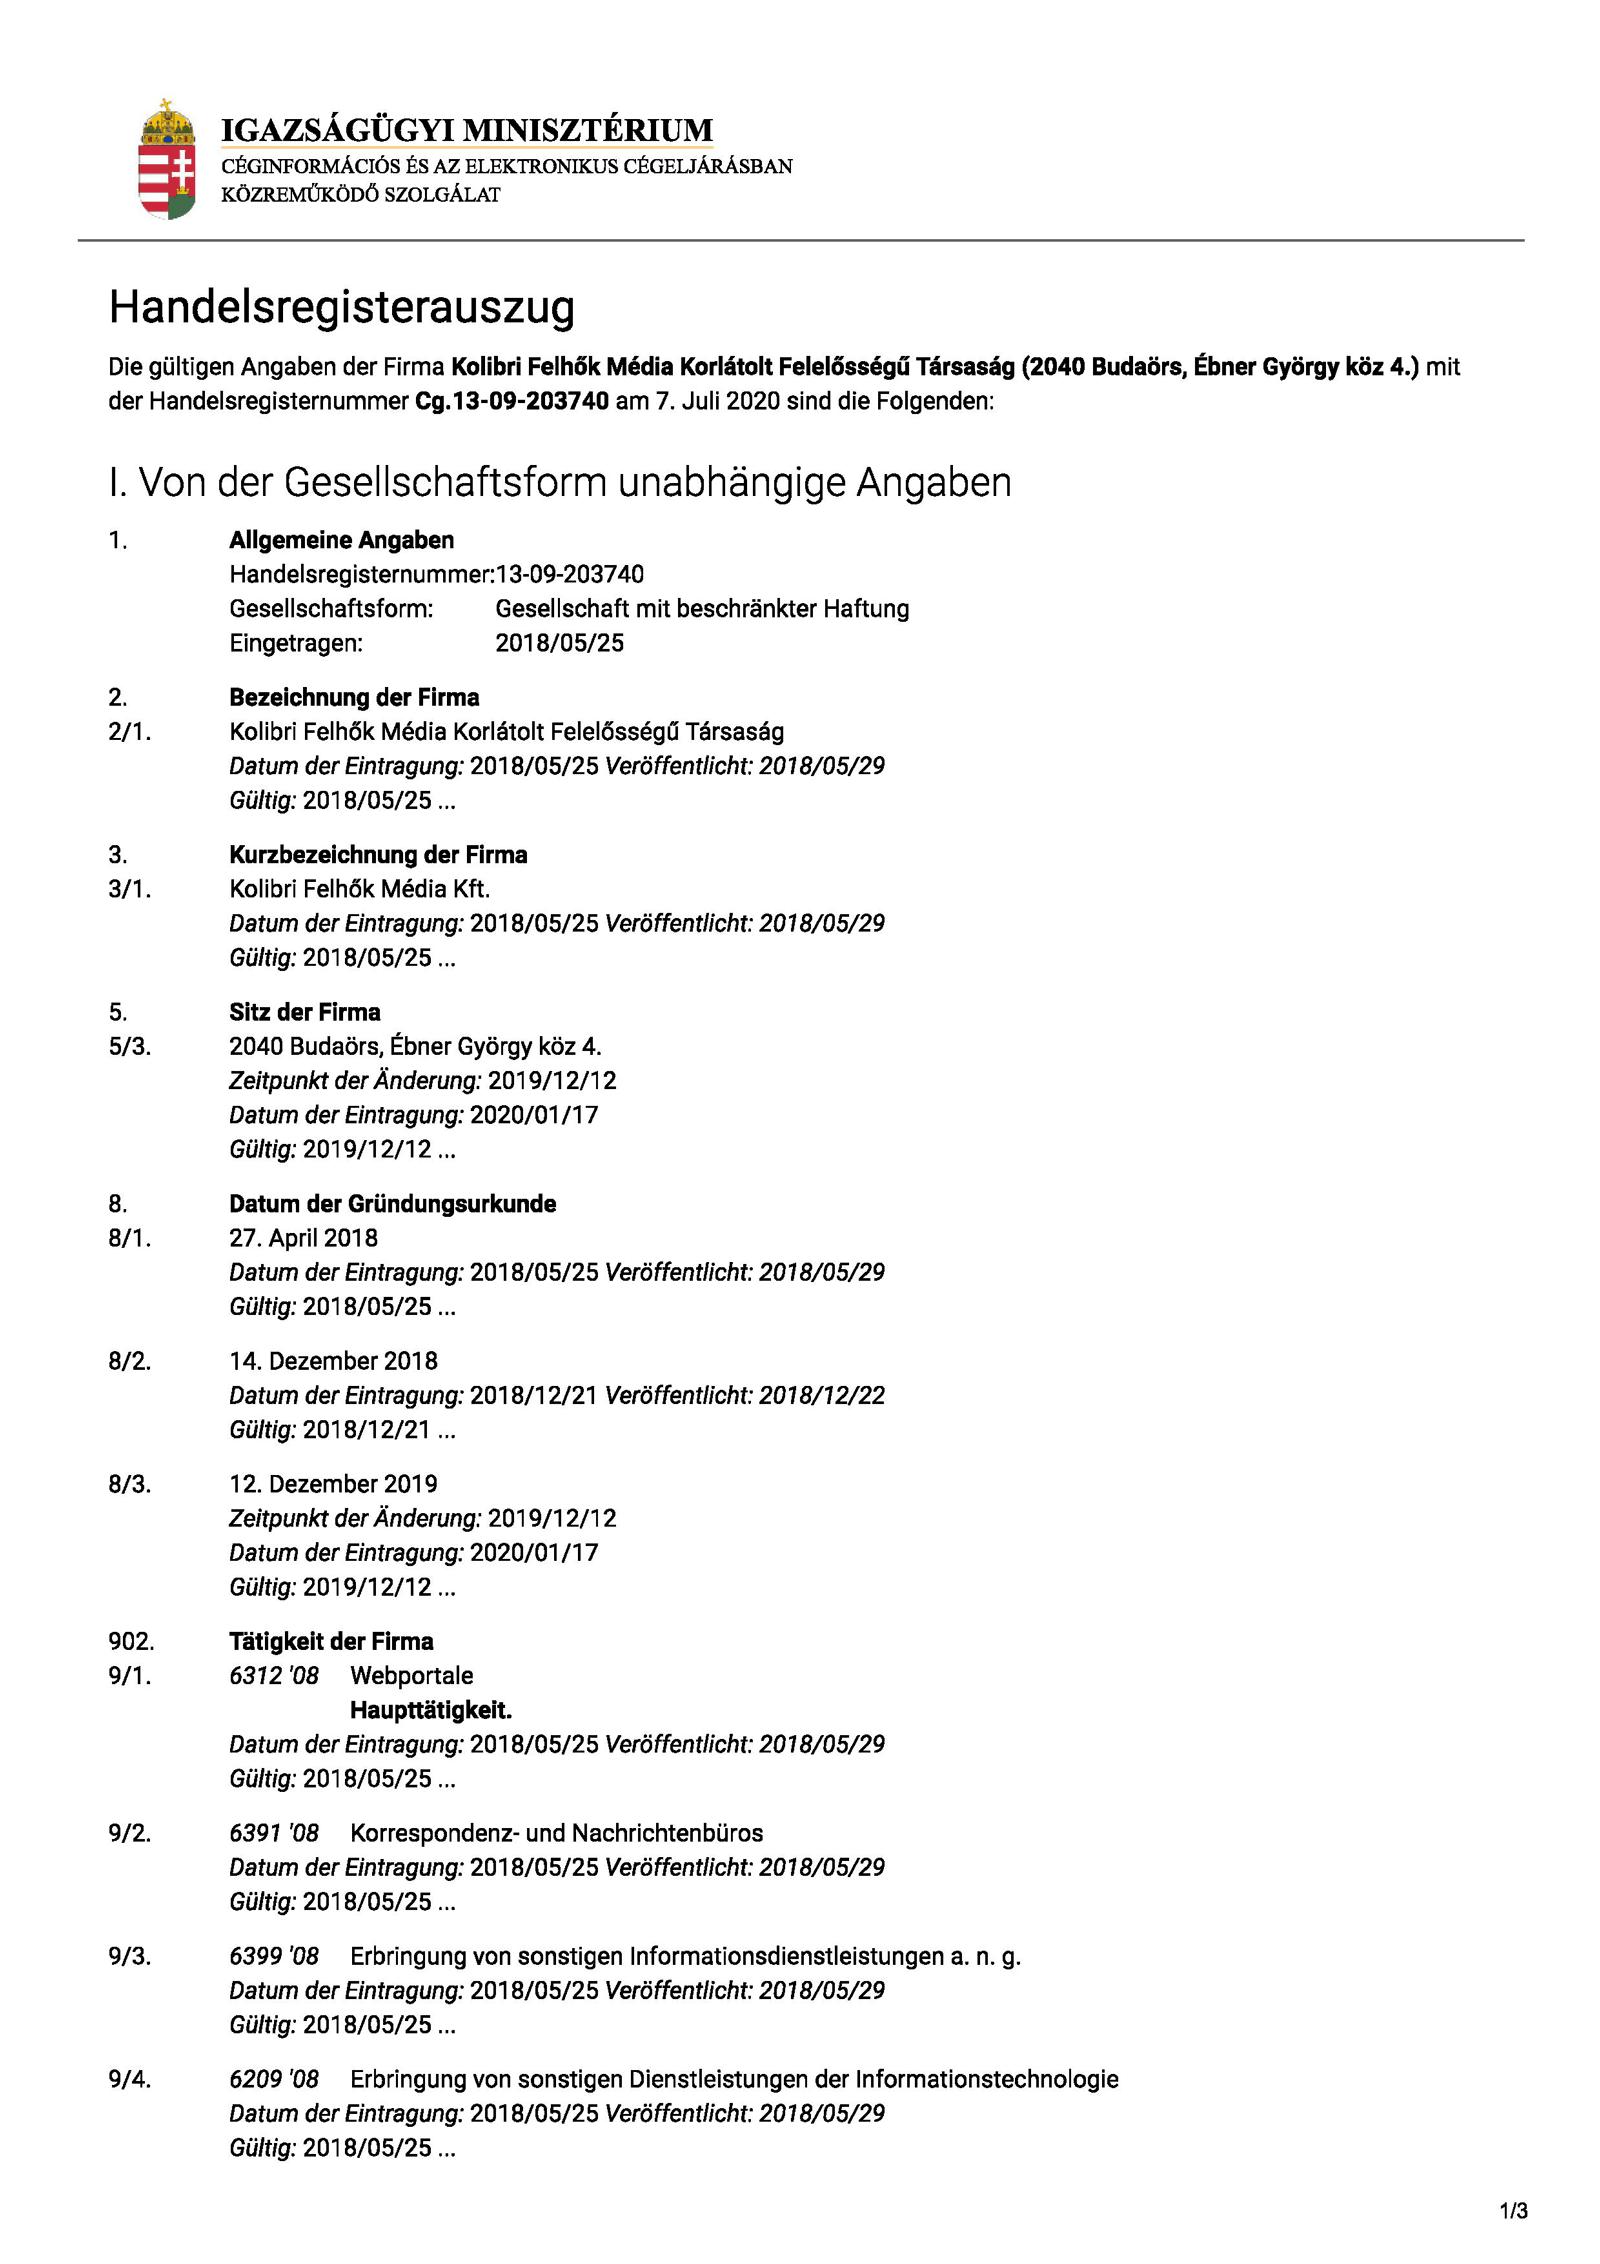 Hagen Grell, Frei3 Firmensitz Ungarn, Adresse Wohnort, Kolibri Felhök Média Kft, Alte Schäferei 11, 04509 Delitzsch, Carmen Weiß, Steuern, Handelsregister